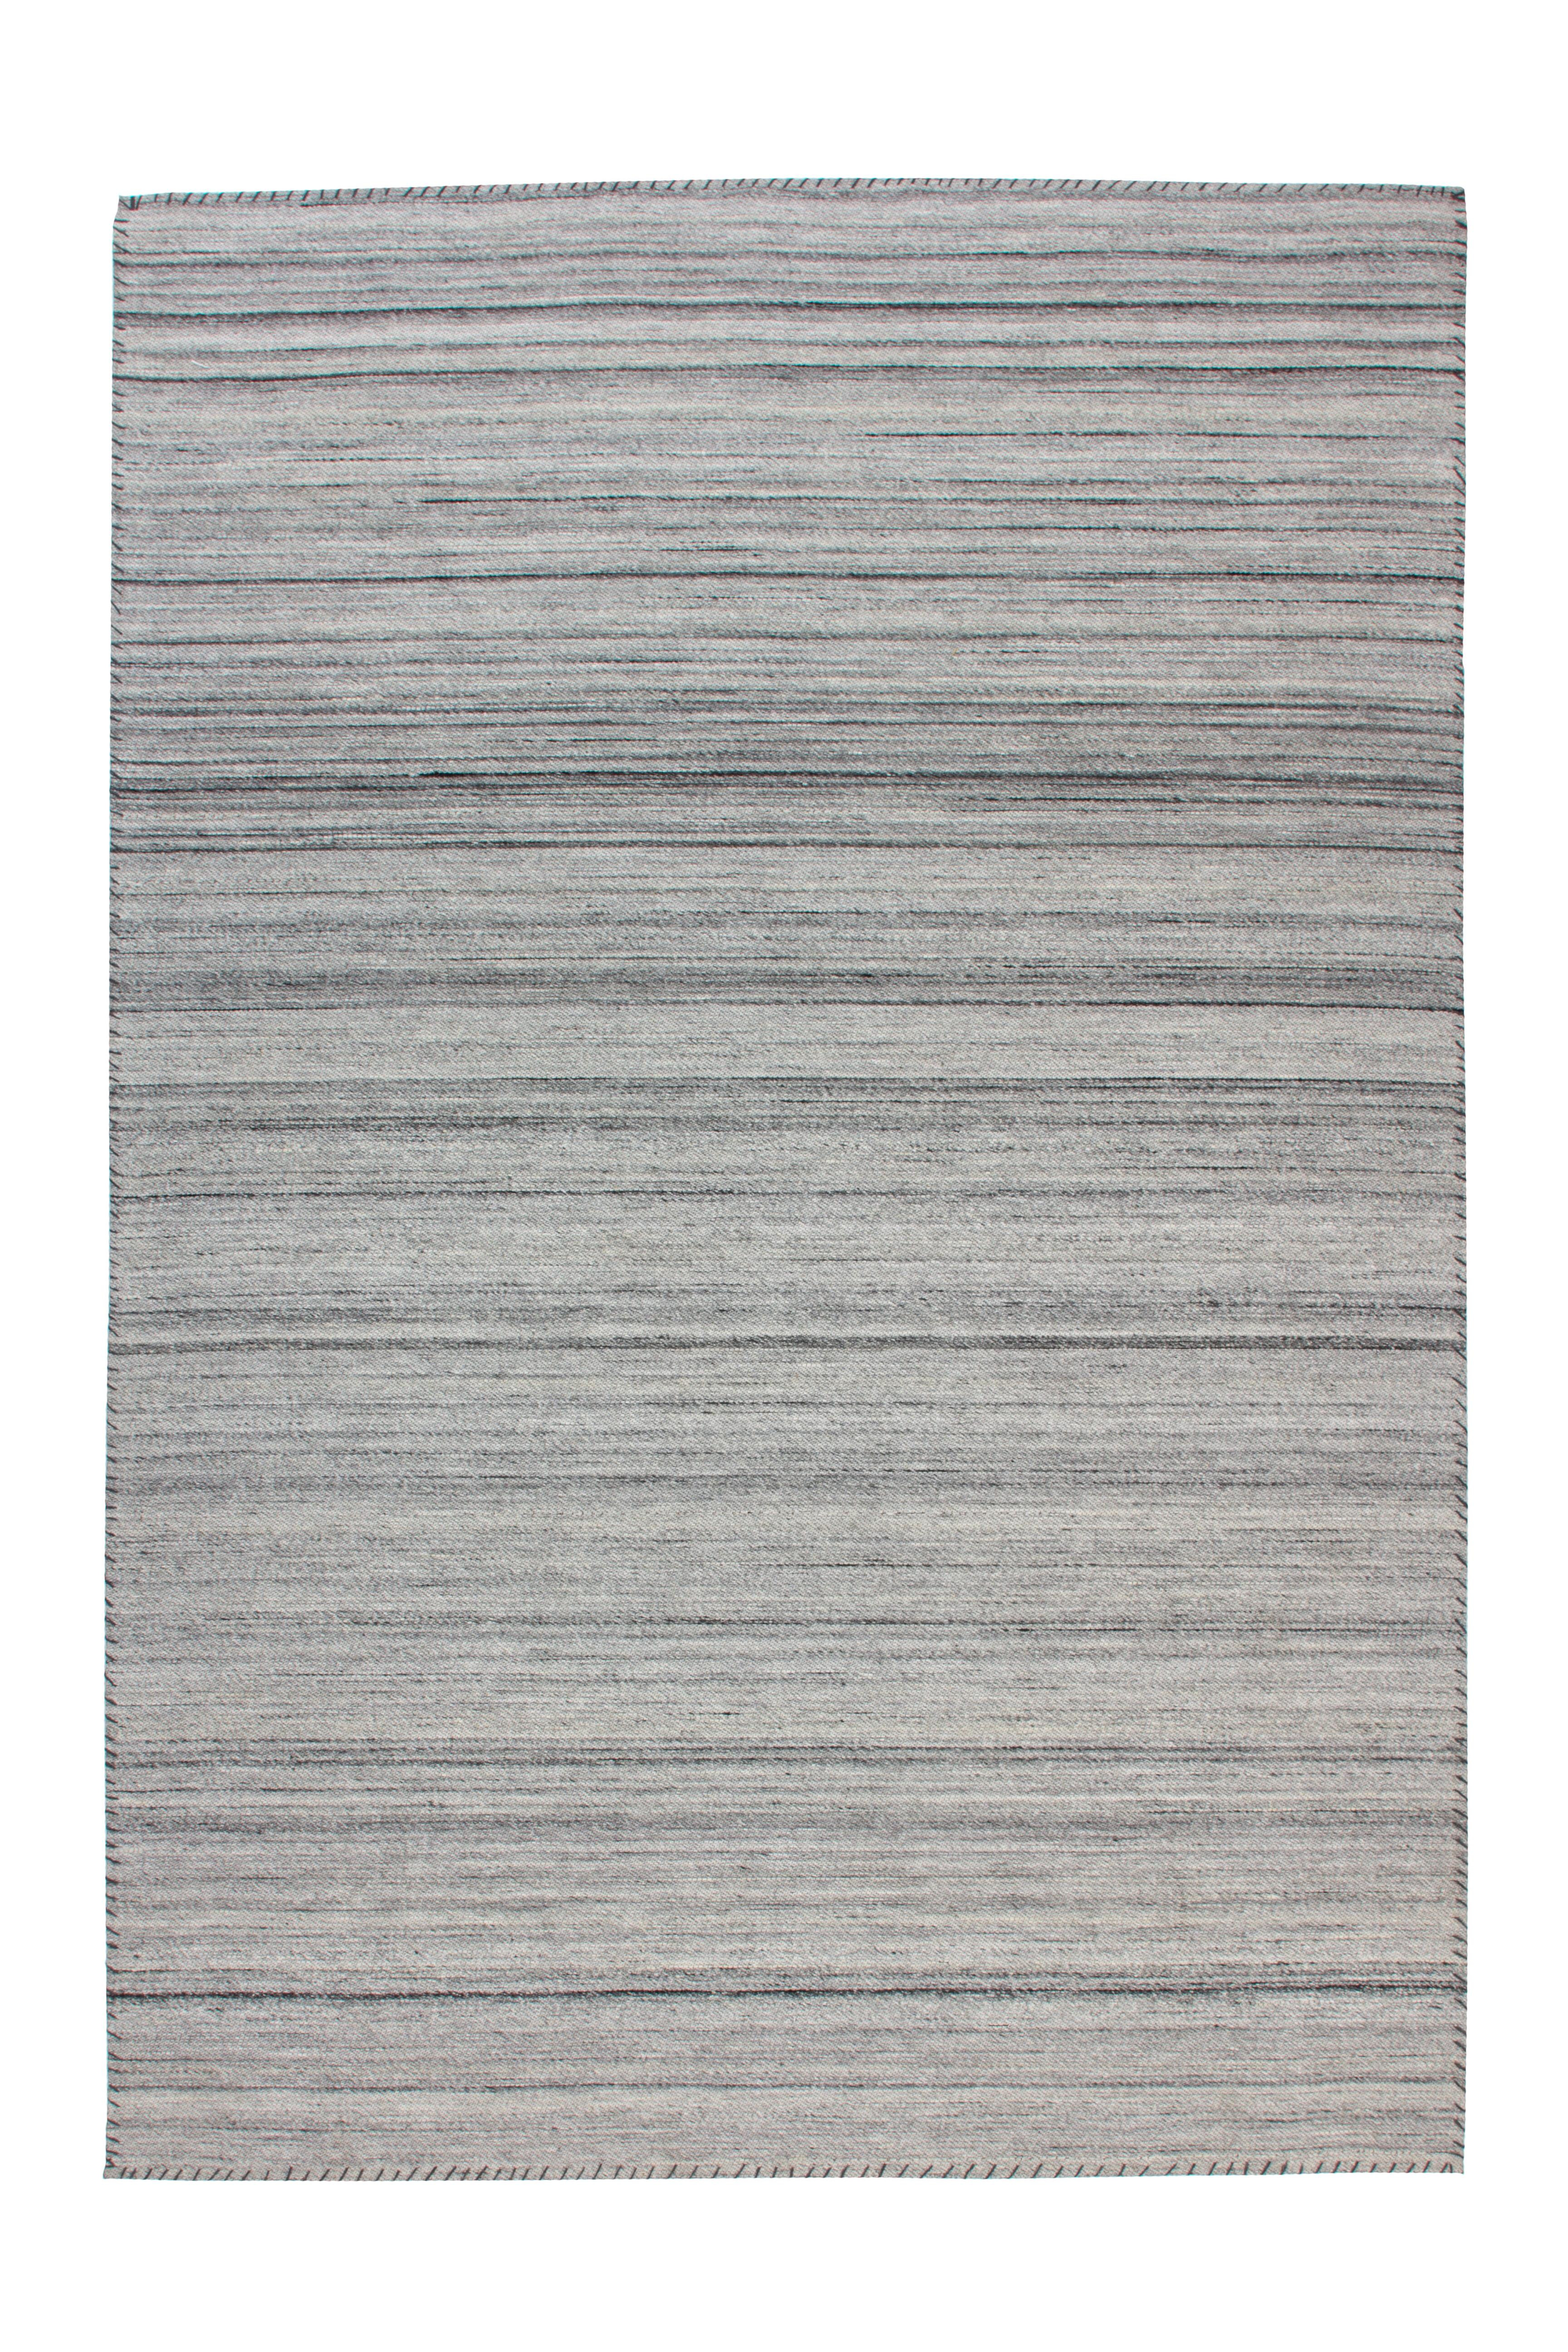 Kayoom Vloerkleed 'Phoenix 210' kleur Grijs, 200 x 290cm